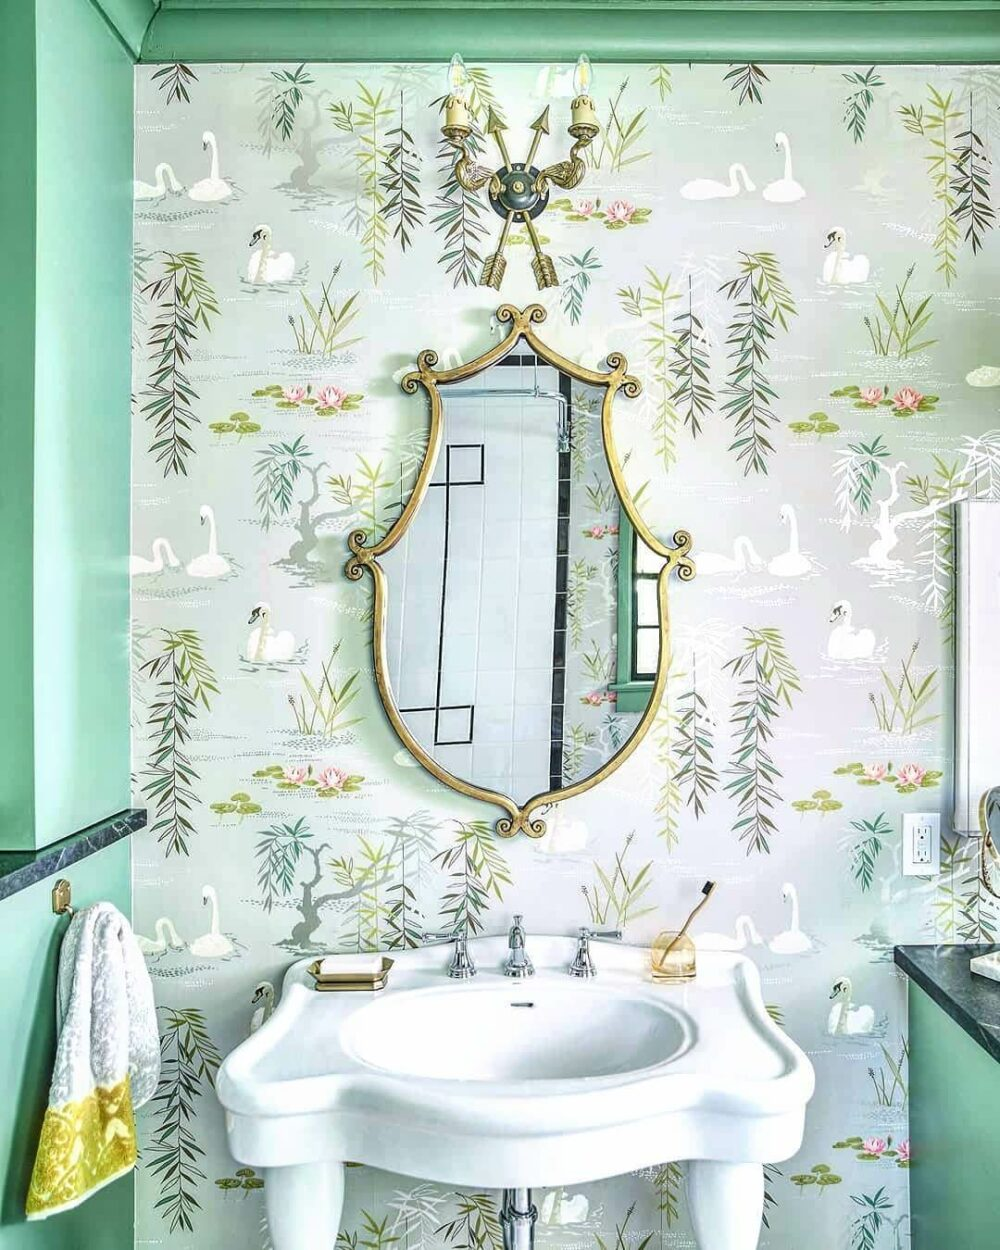 mermaid bathroom wall decor